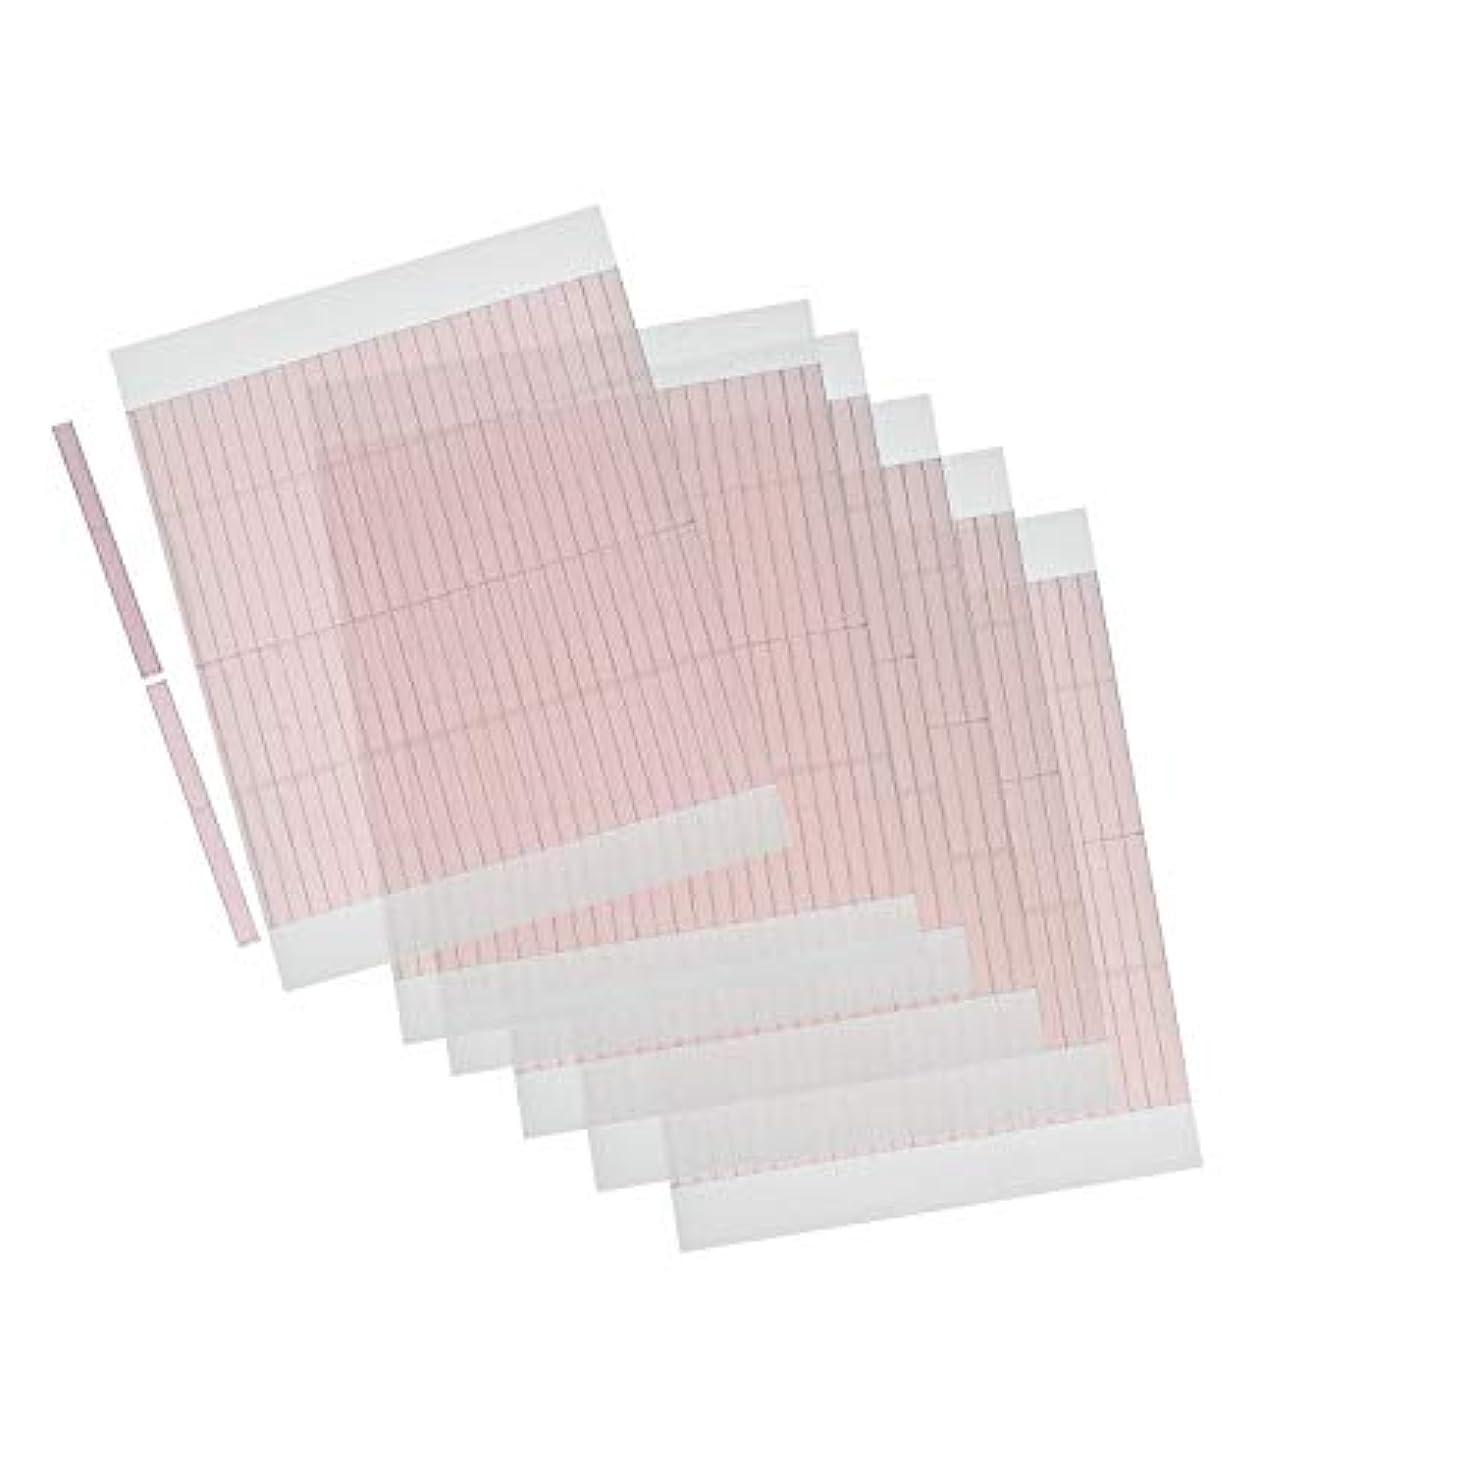 乳剤読む空港m.tivance アイテープ 二重瞼形成 二重テープ 5シートセット 260本入り/アイテープ5枚セット